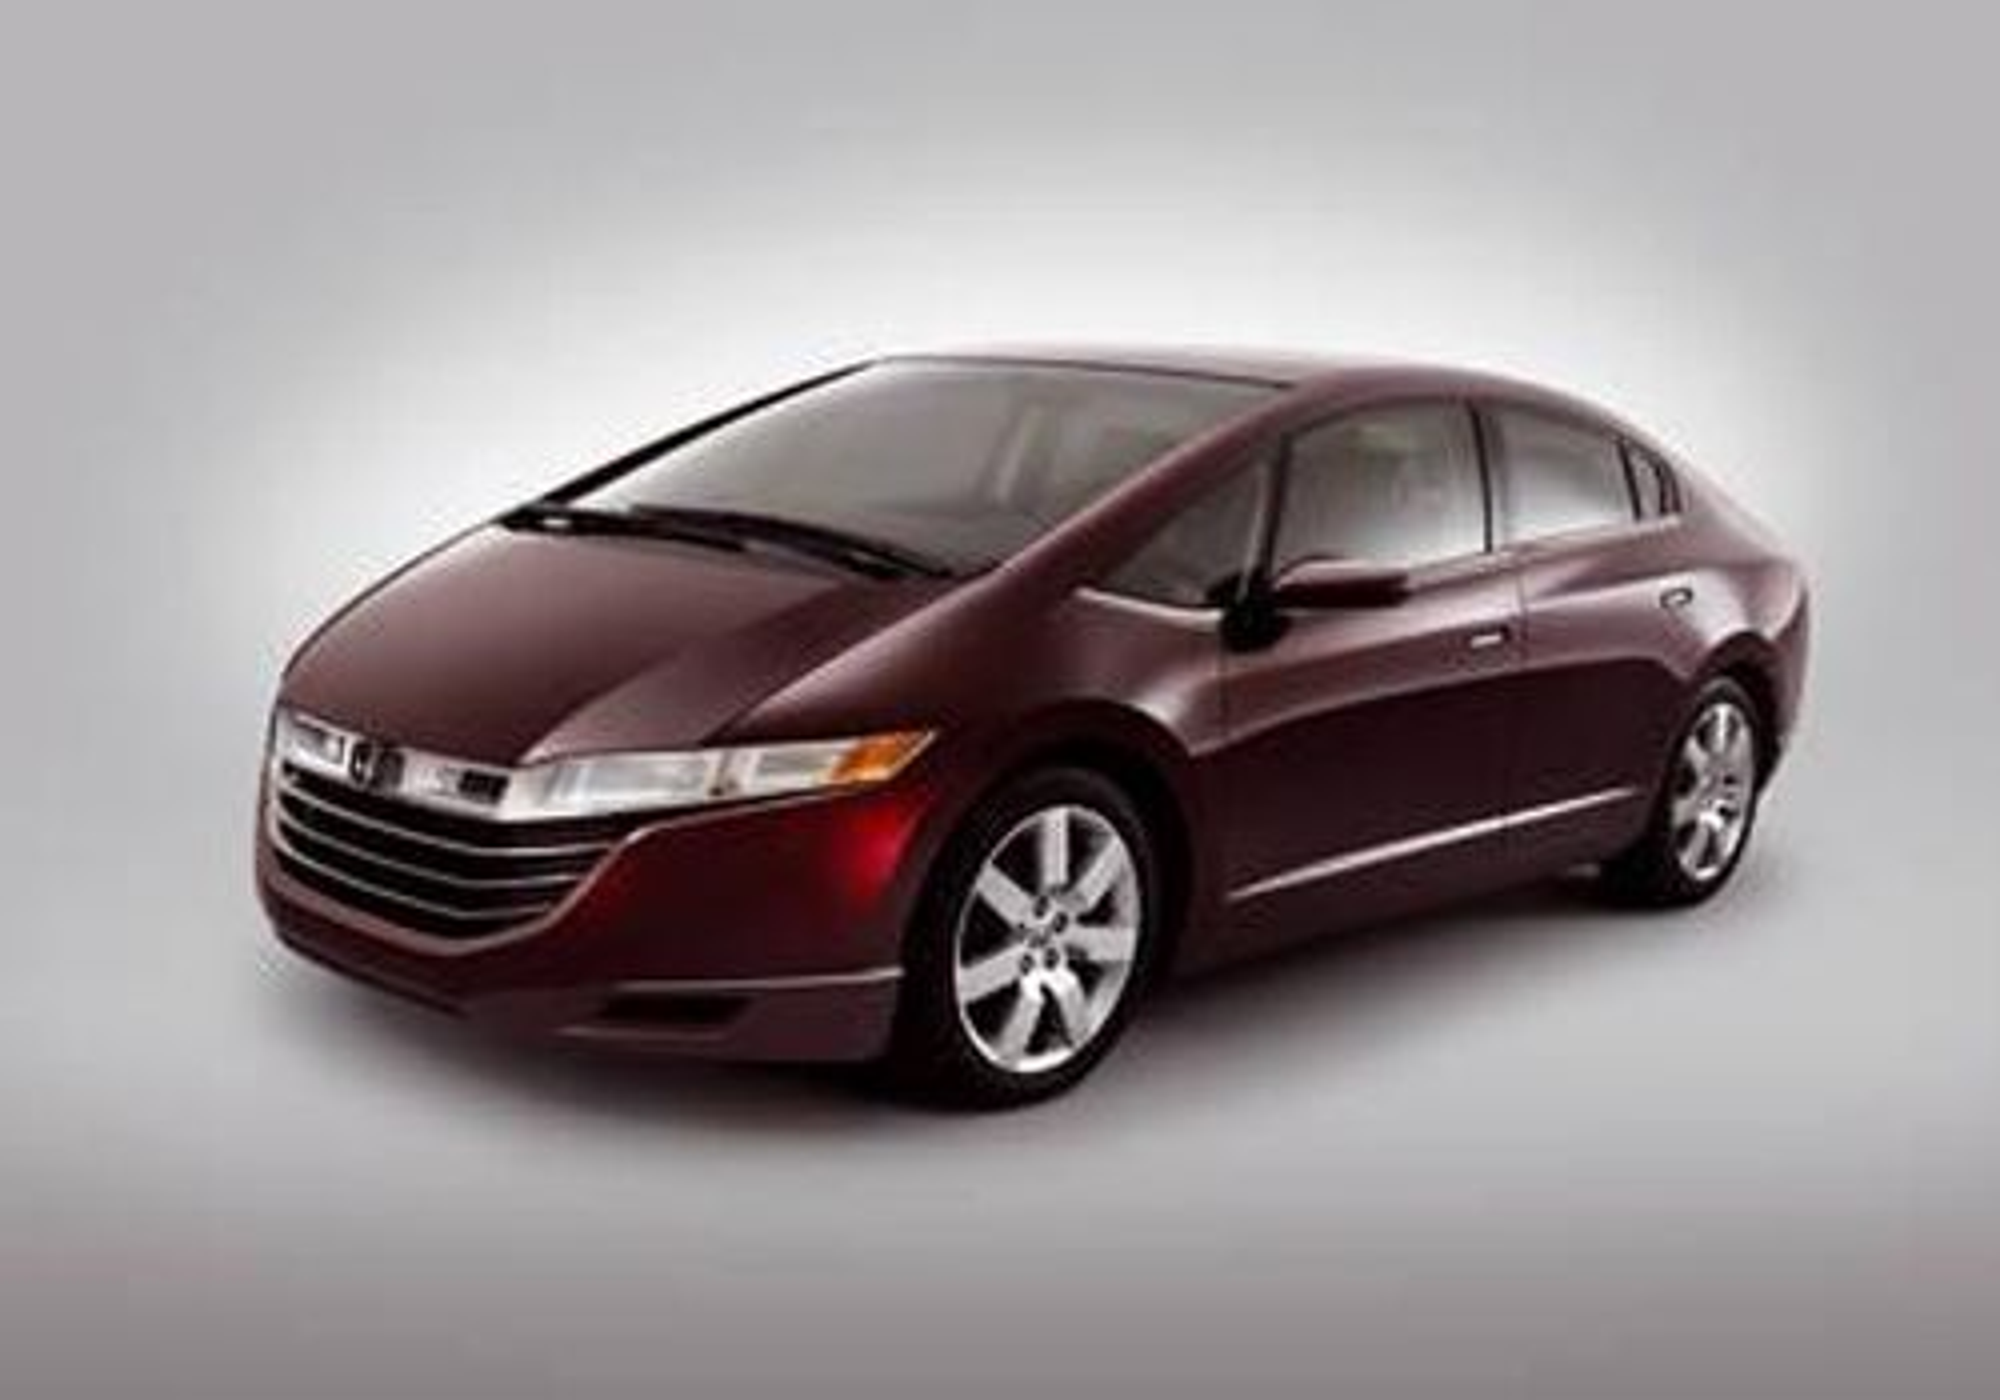 HONDA FCX: Horisontal brenselcelle og elektronikken lagt i en lav ryggrad gjorde det mulig å bygge en slank bil. Bilen klarer å kjøre 570 km i normal hastighet. Toppfart 160 km/h. Innredningen er laget av biomaterialer.